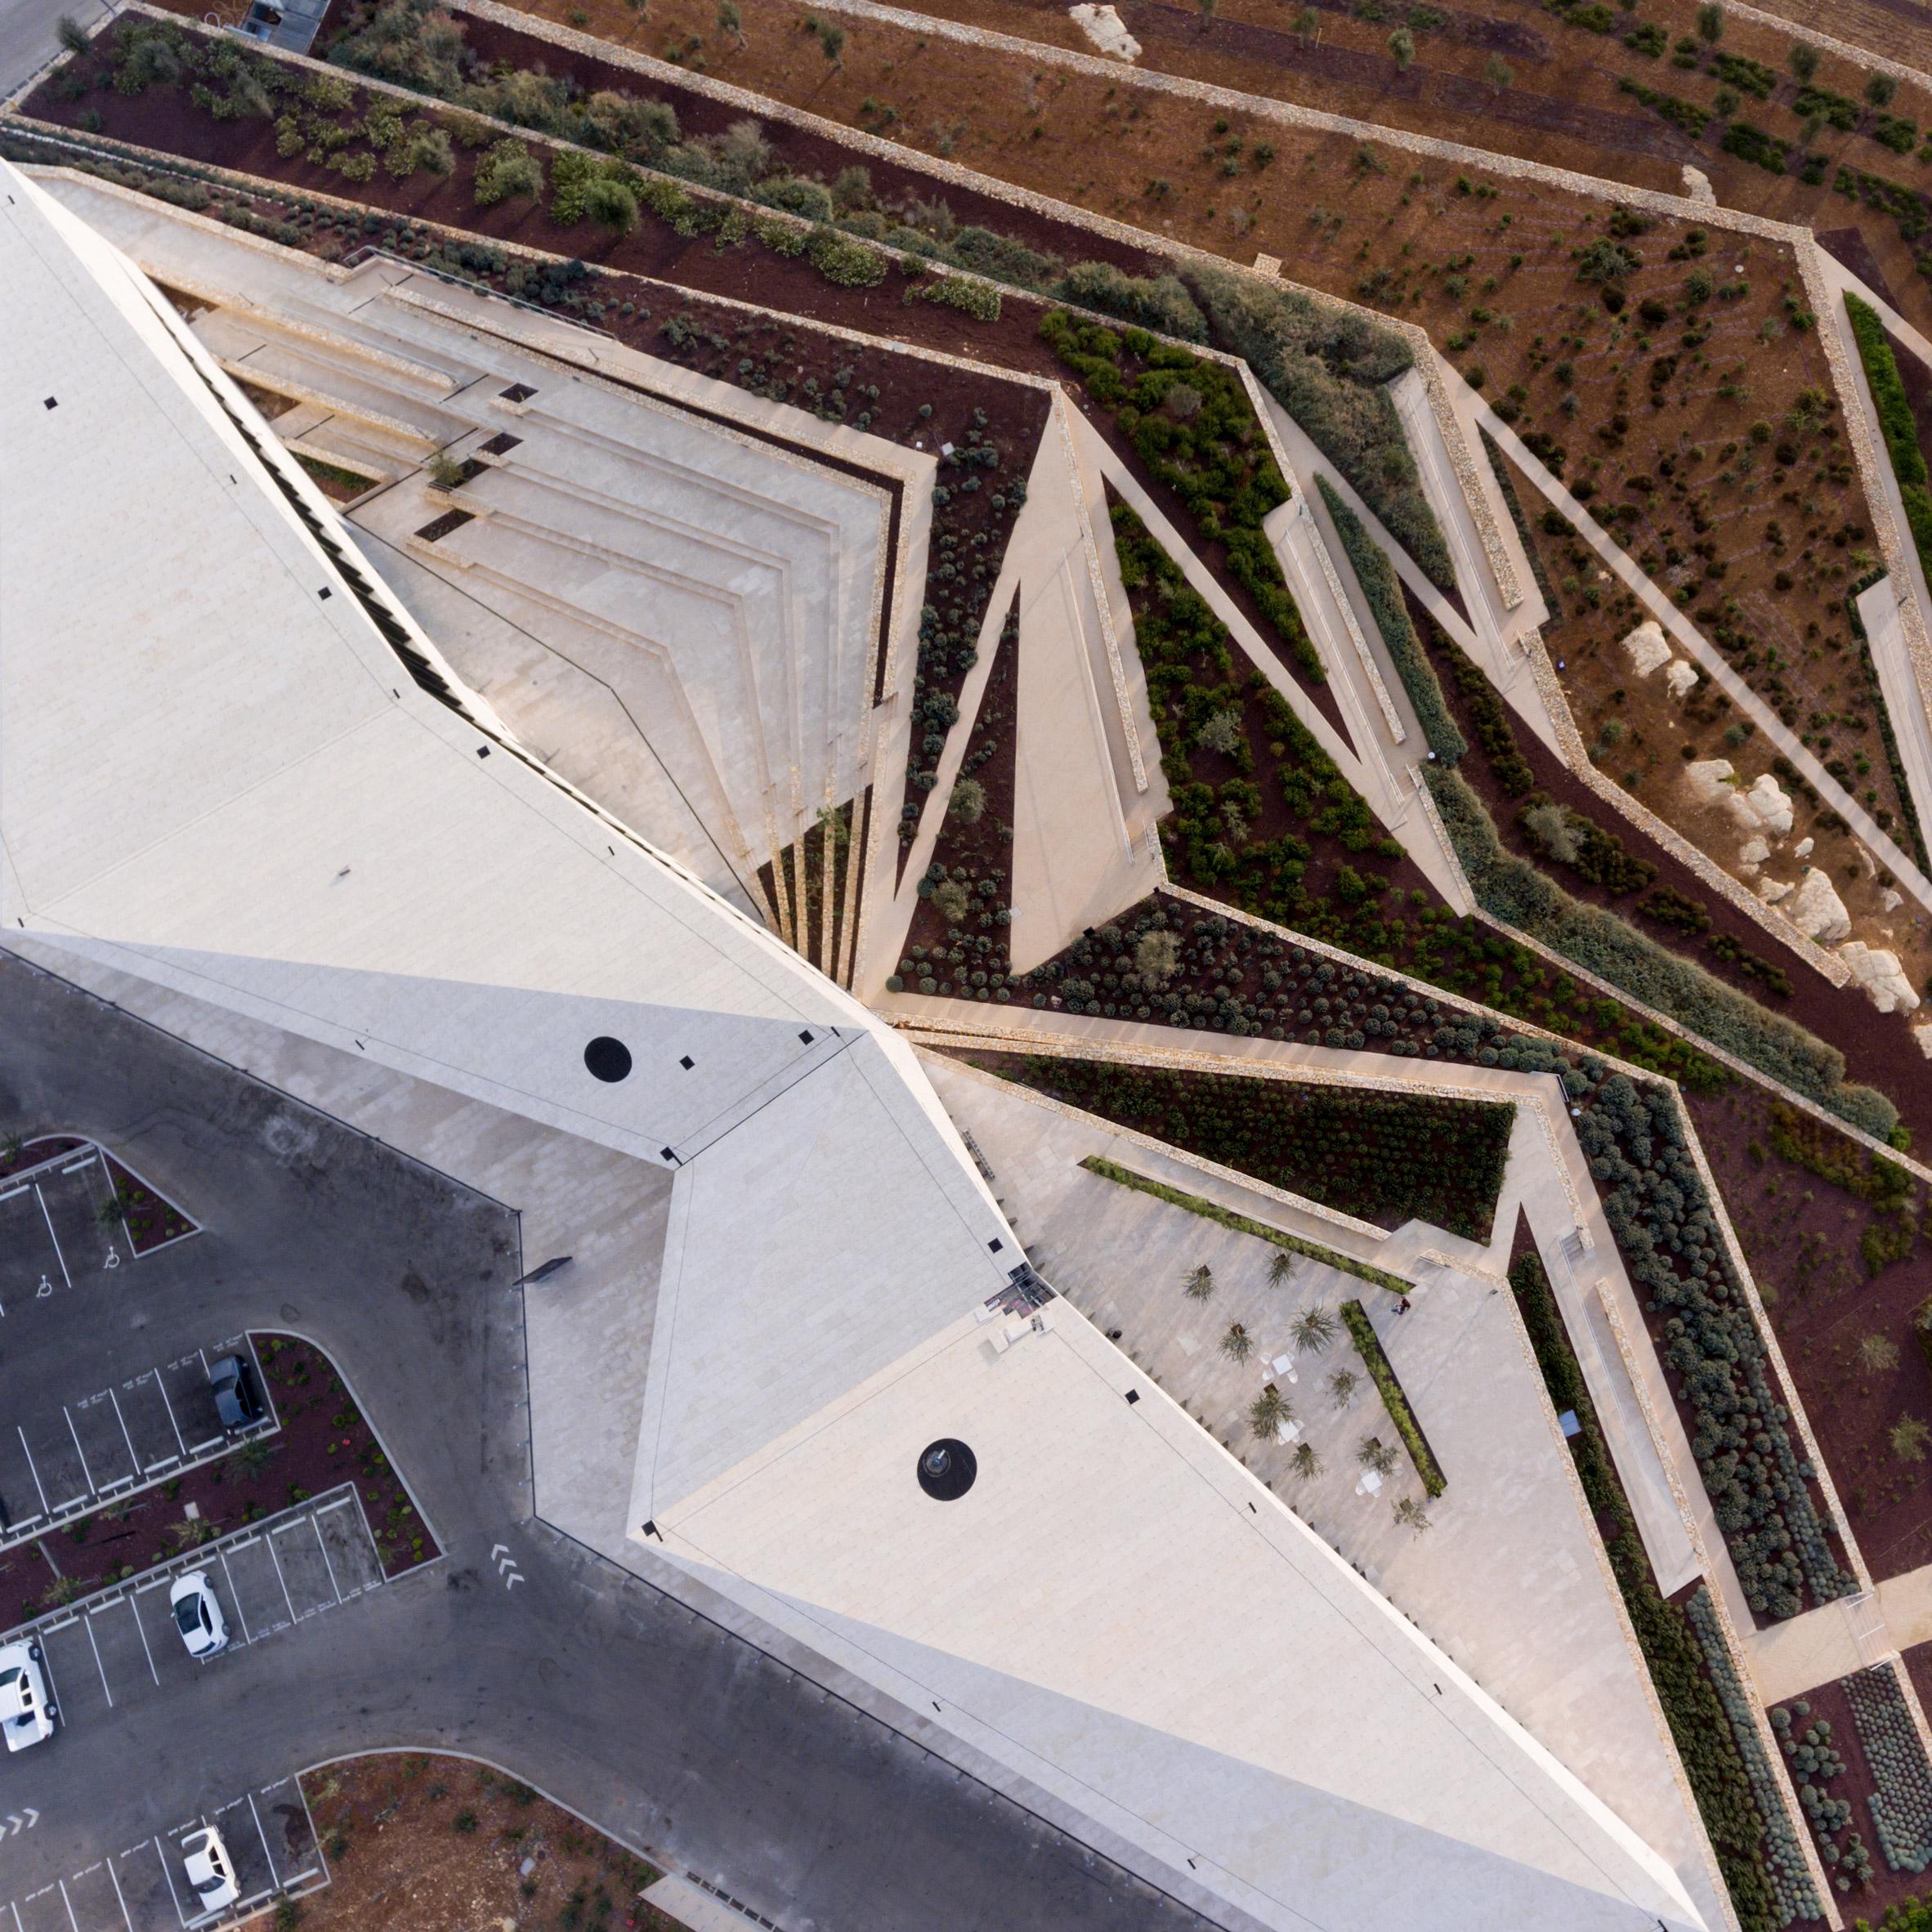 Palestinian Museum Heneghan Peng